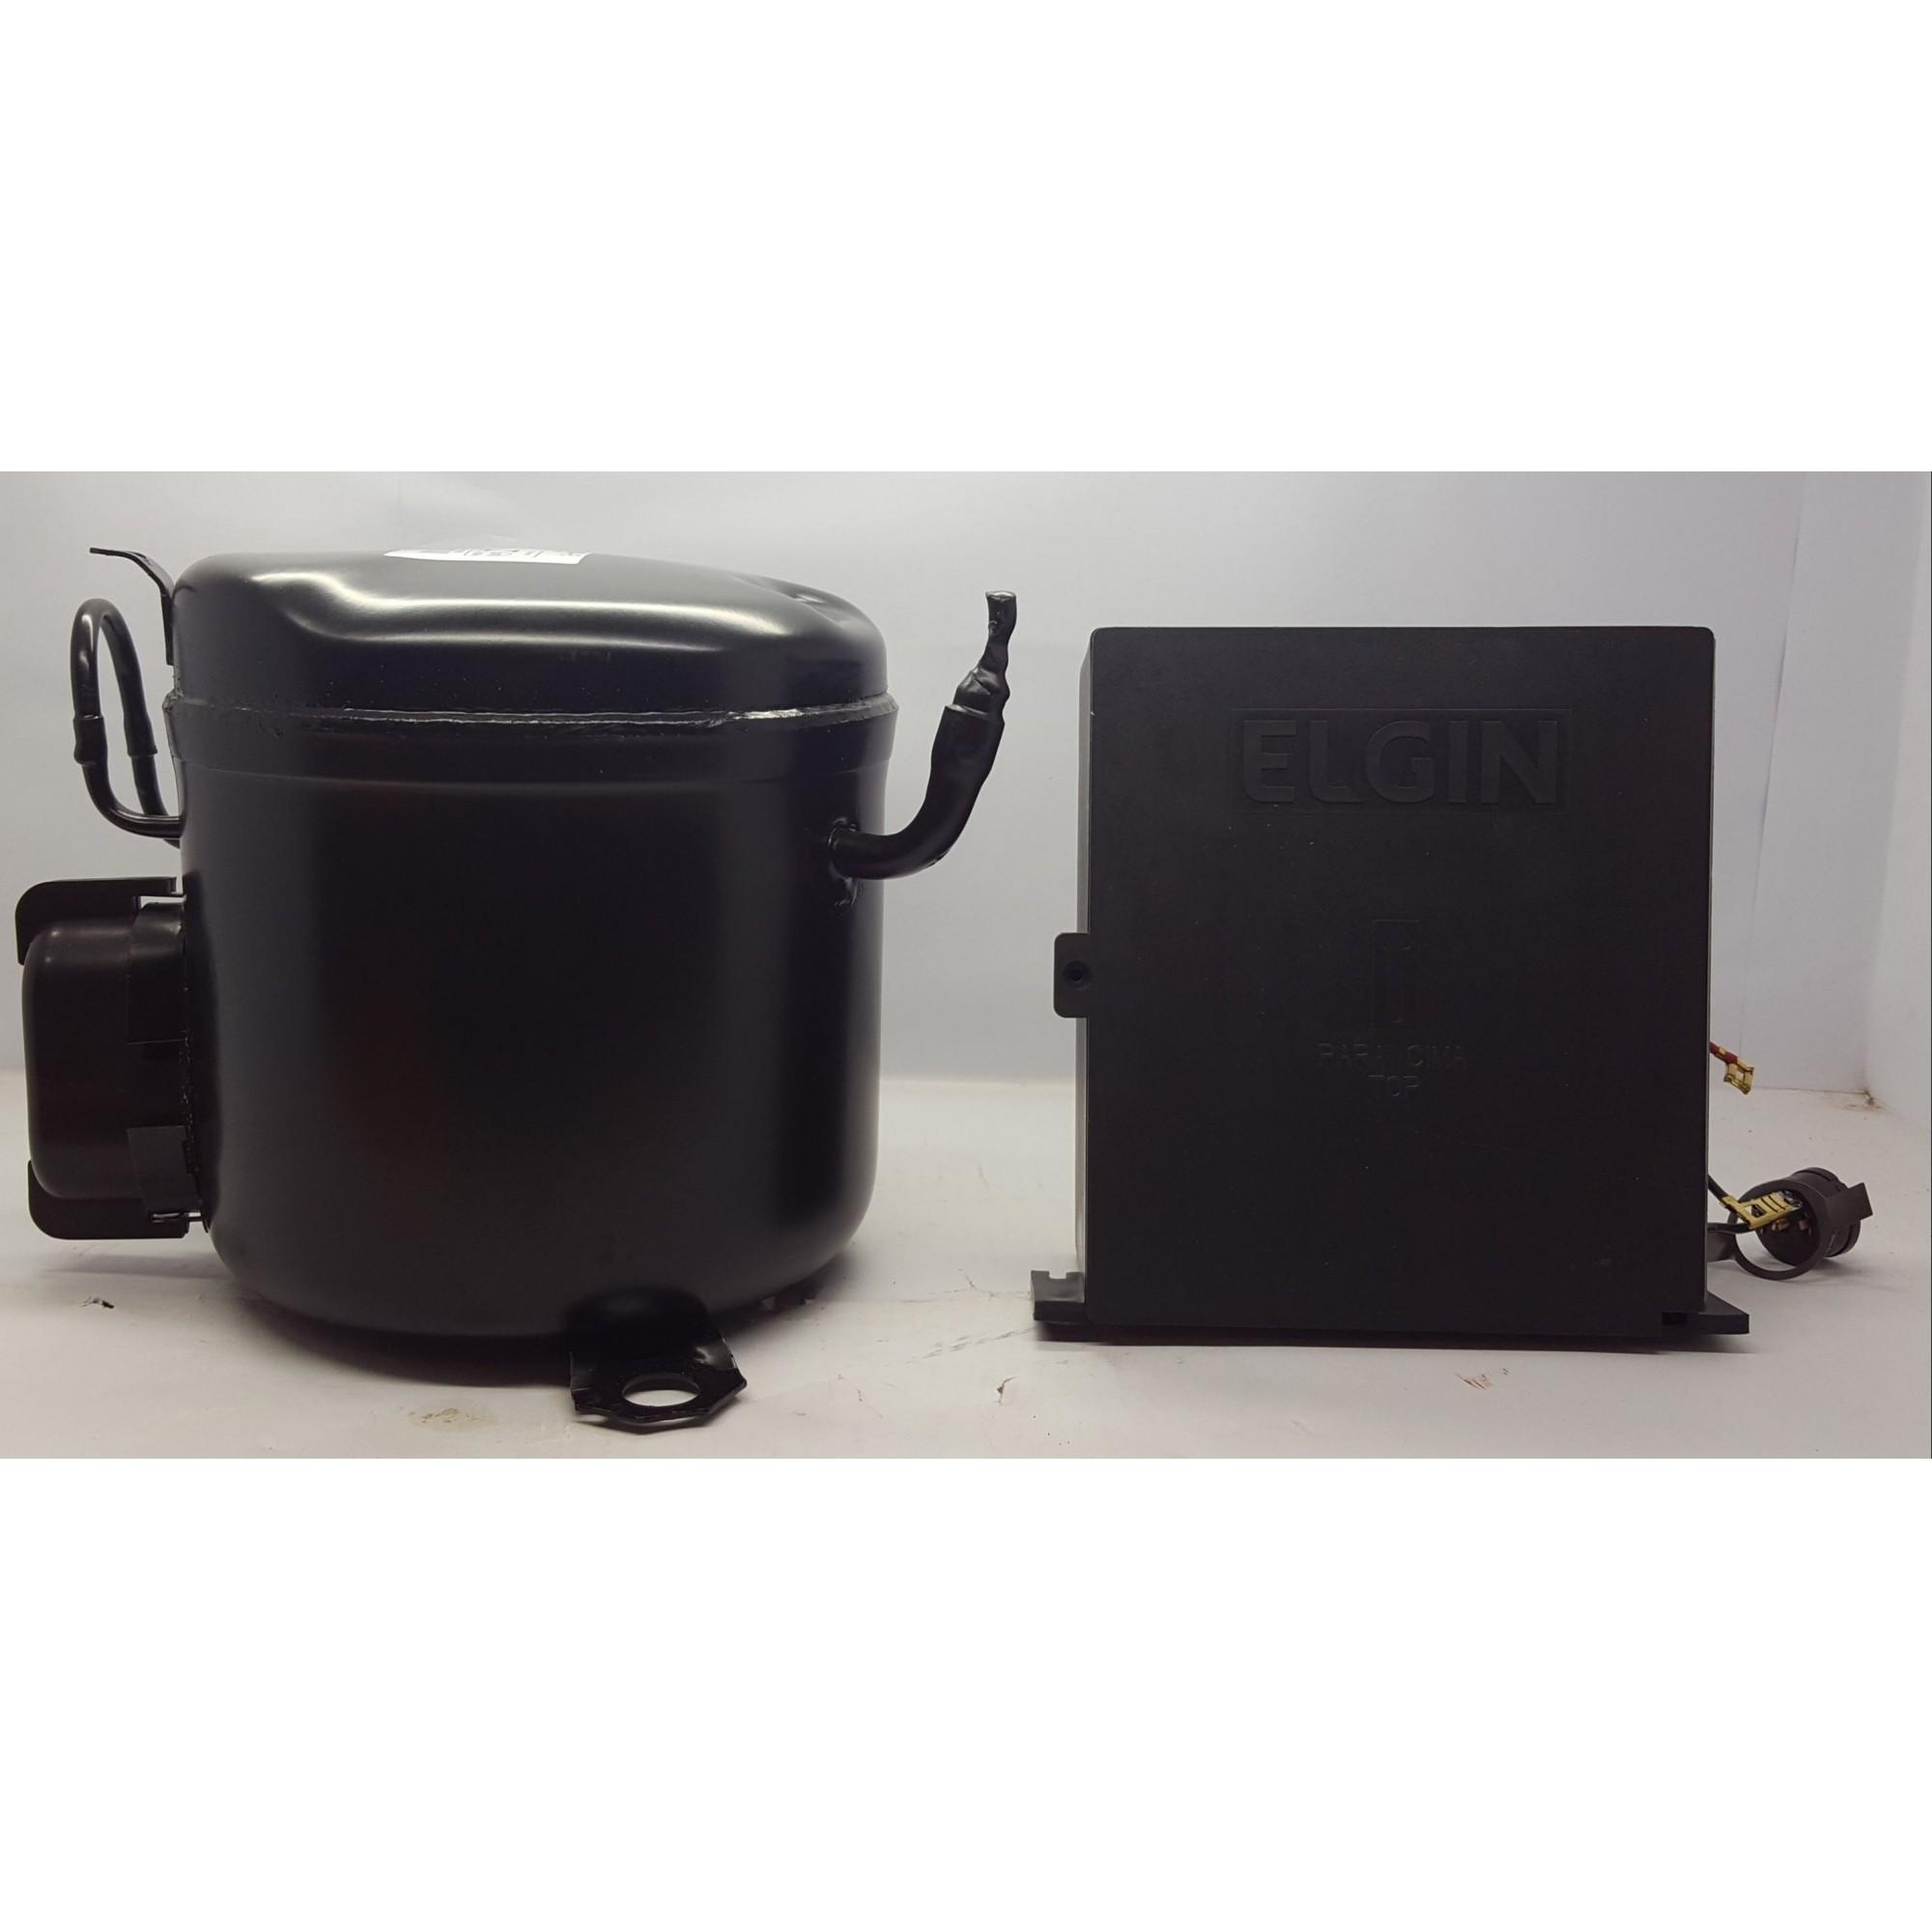 COMPRESSOR ELGIN 7/8 HP - TCM-2040-E - SUBST TCM2038 R22 (220v)